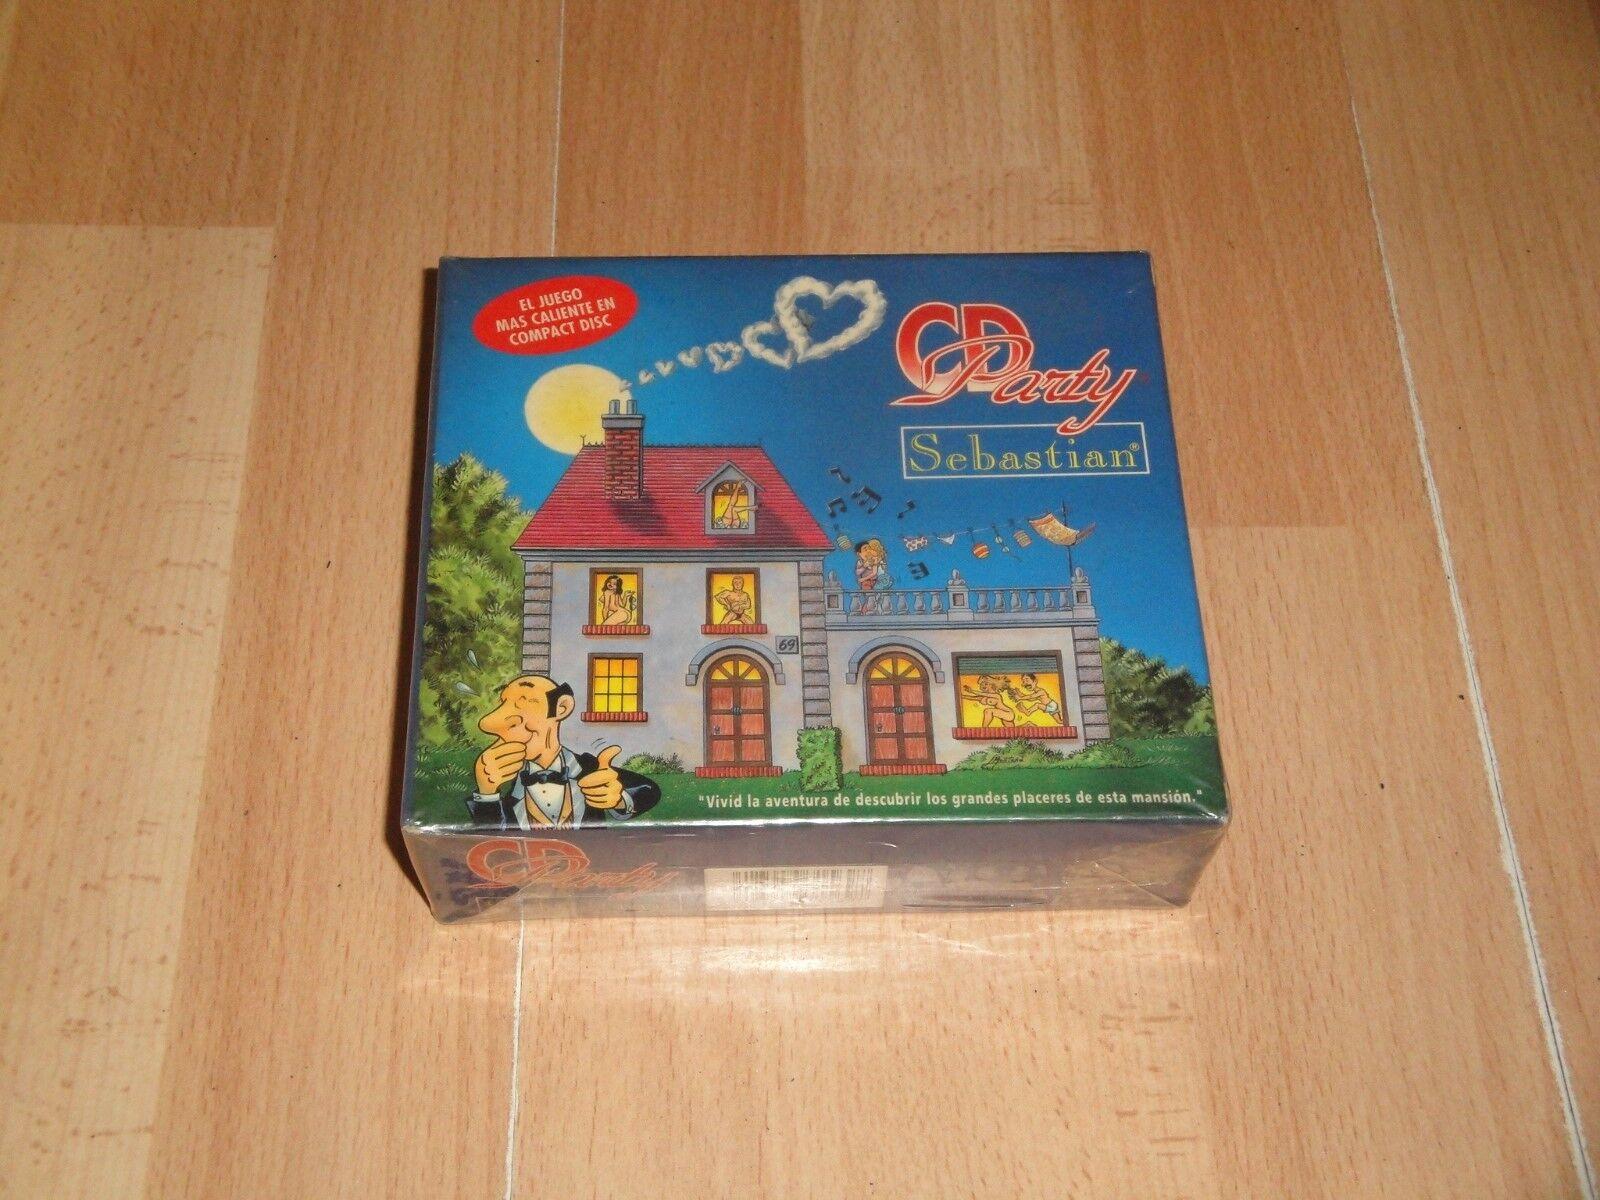 CD party sebastian de mario board game + CD new sealed